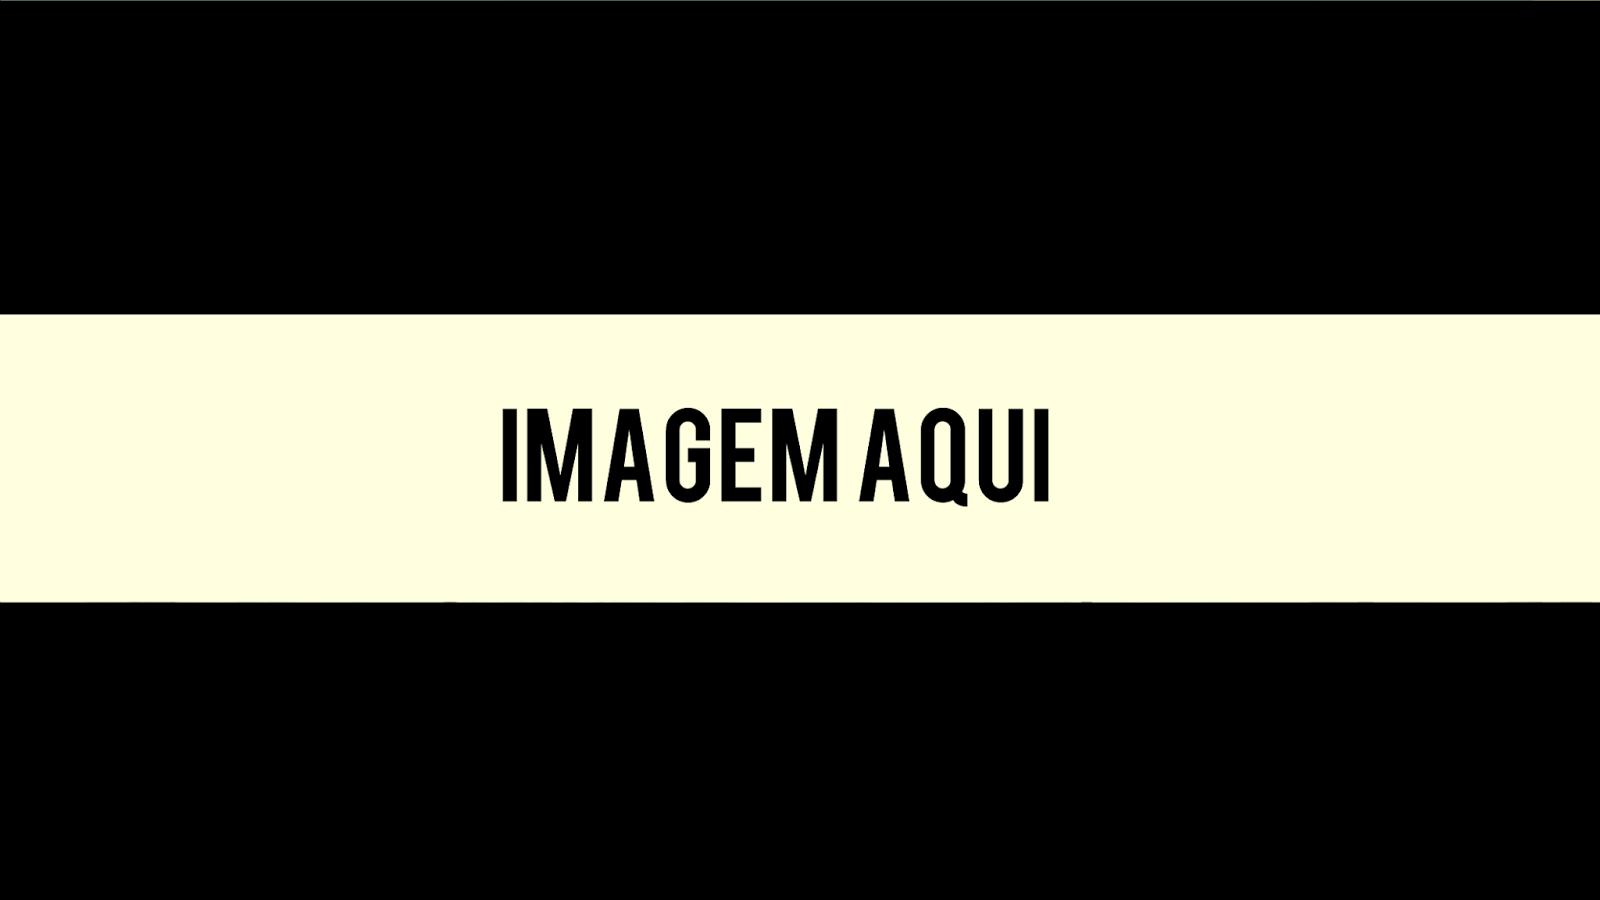 Capa De Youtube 2048x1152: Molde Para Banner/Capa Para Seu Canal!